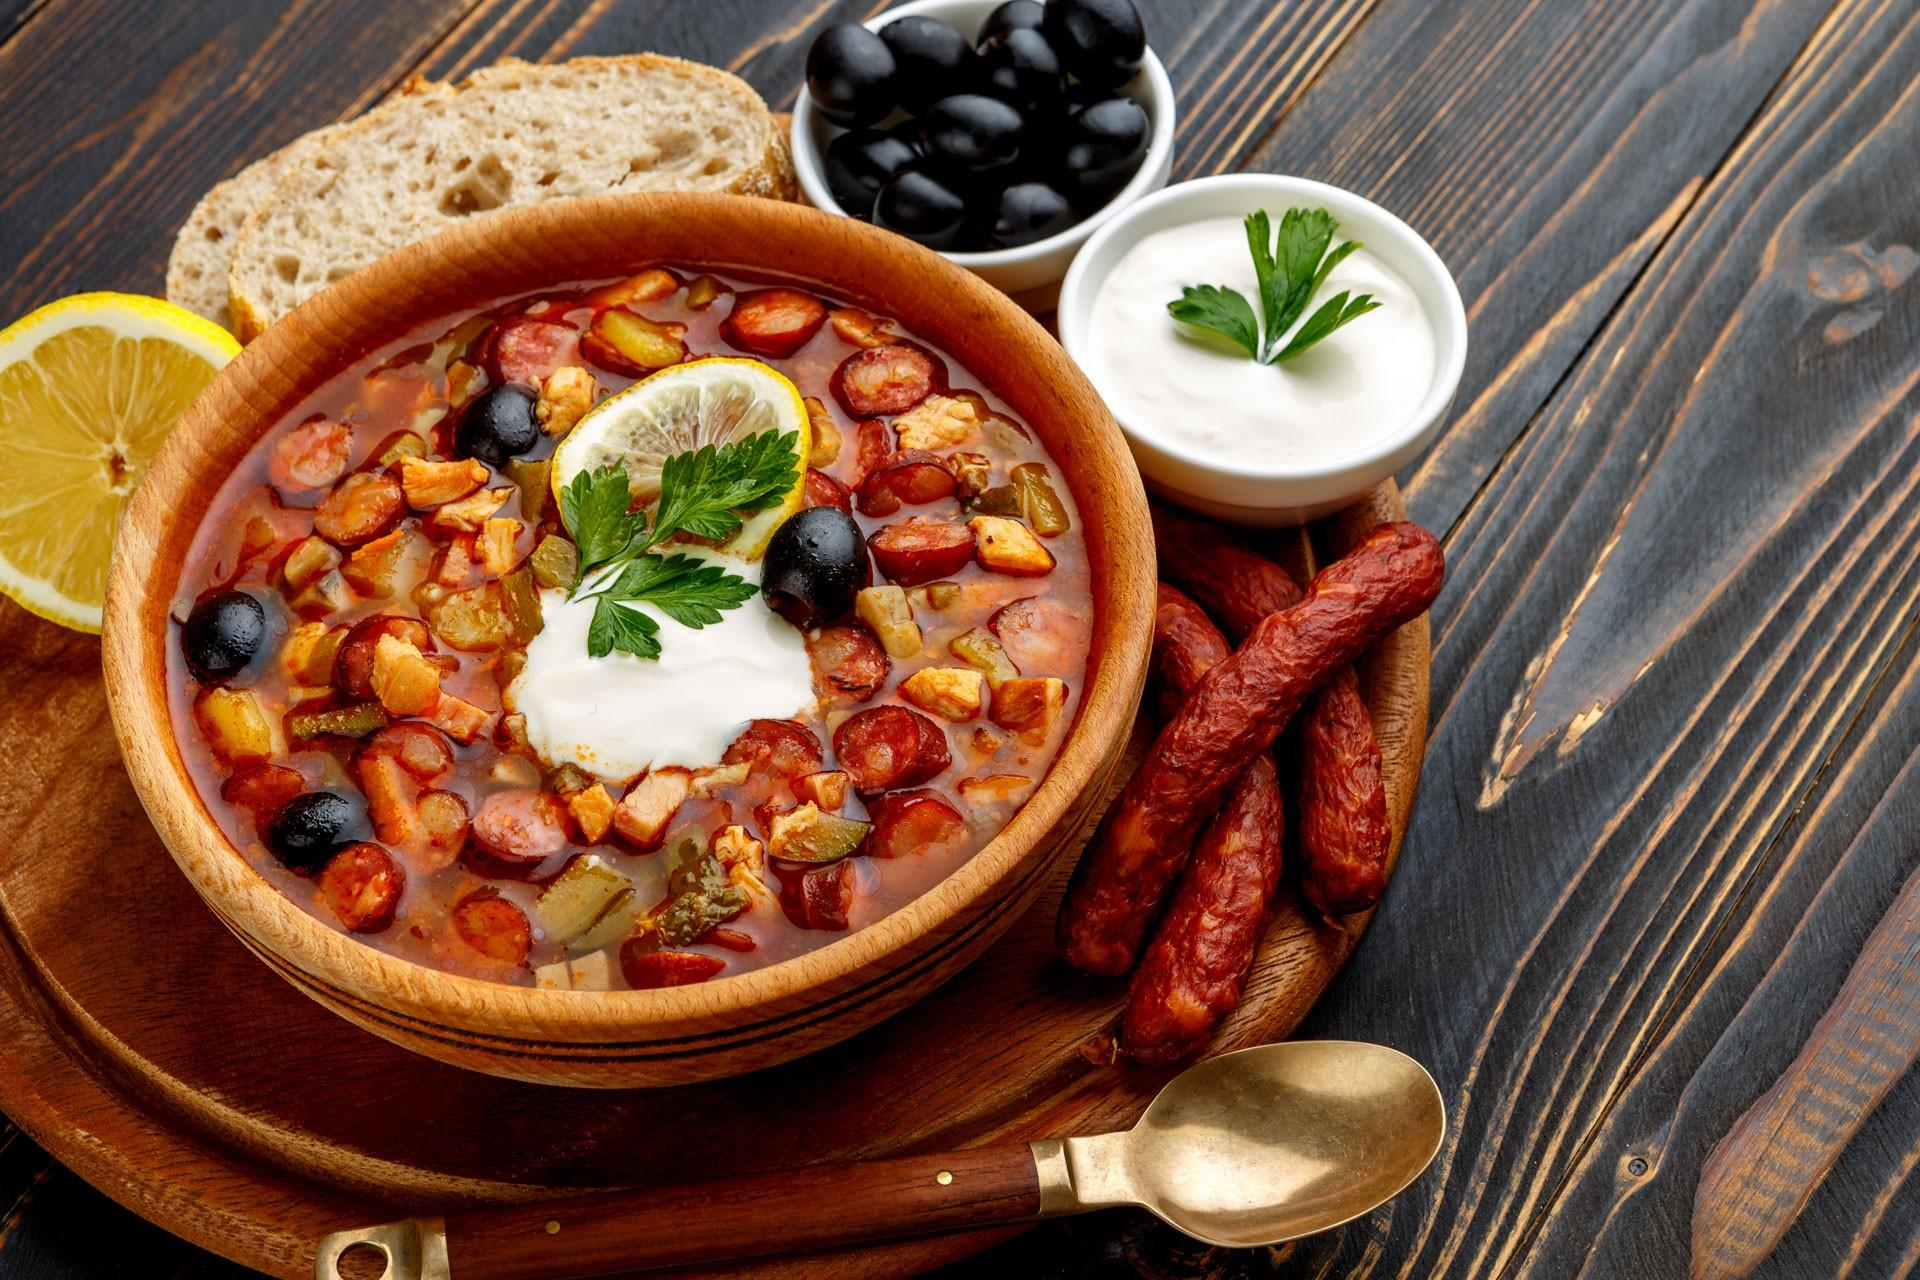 Солянка сборная мясная - пошаговый рецепт с фото на Готовим дома